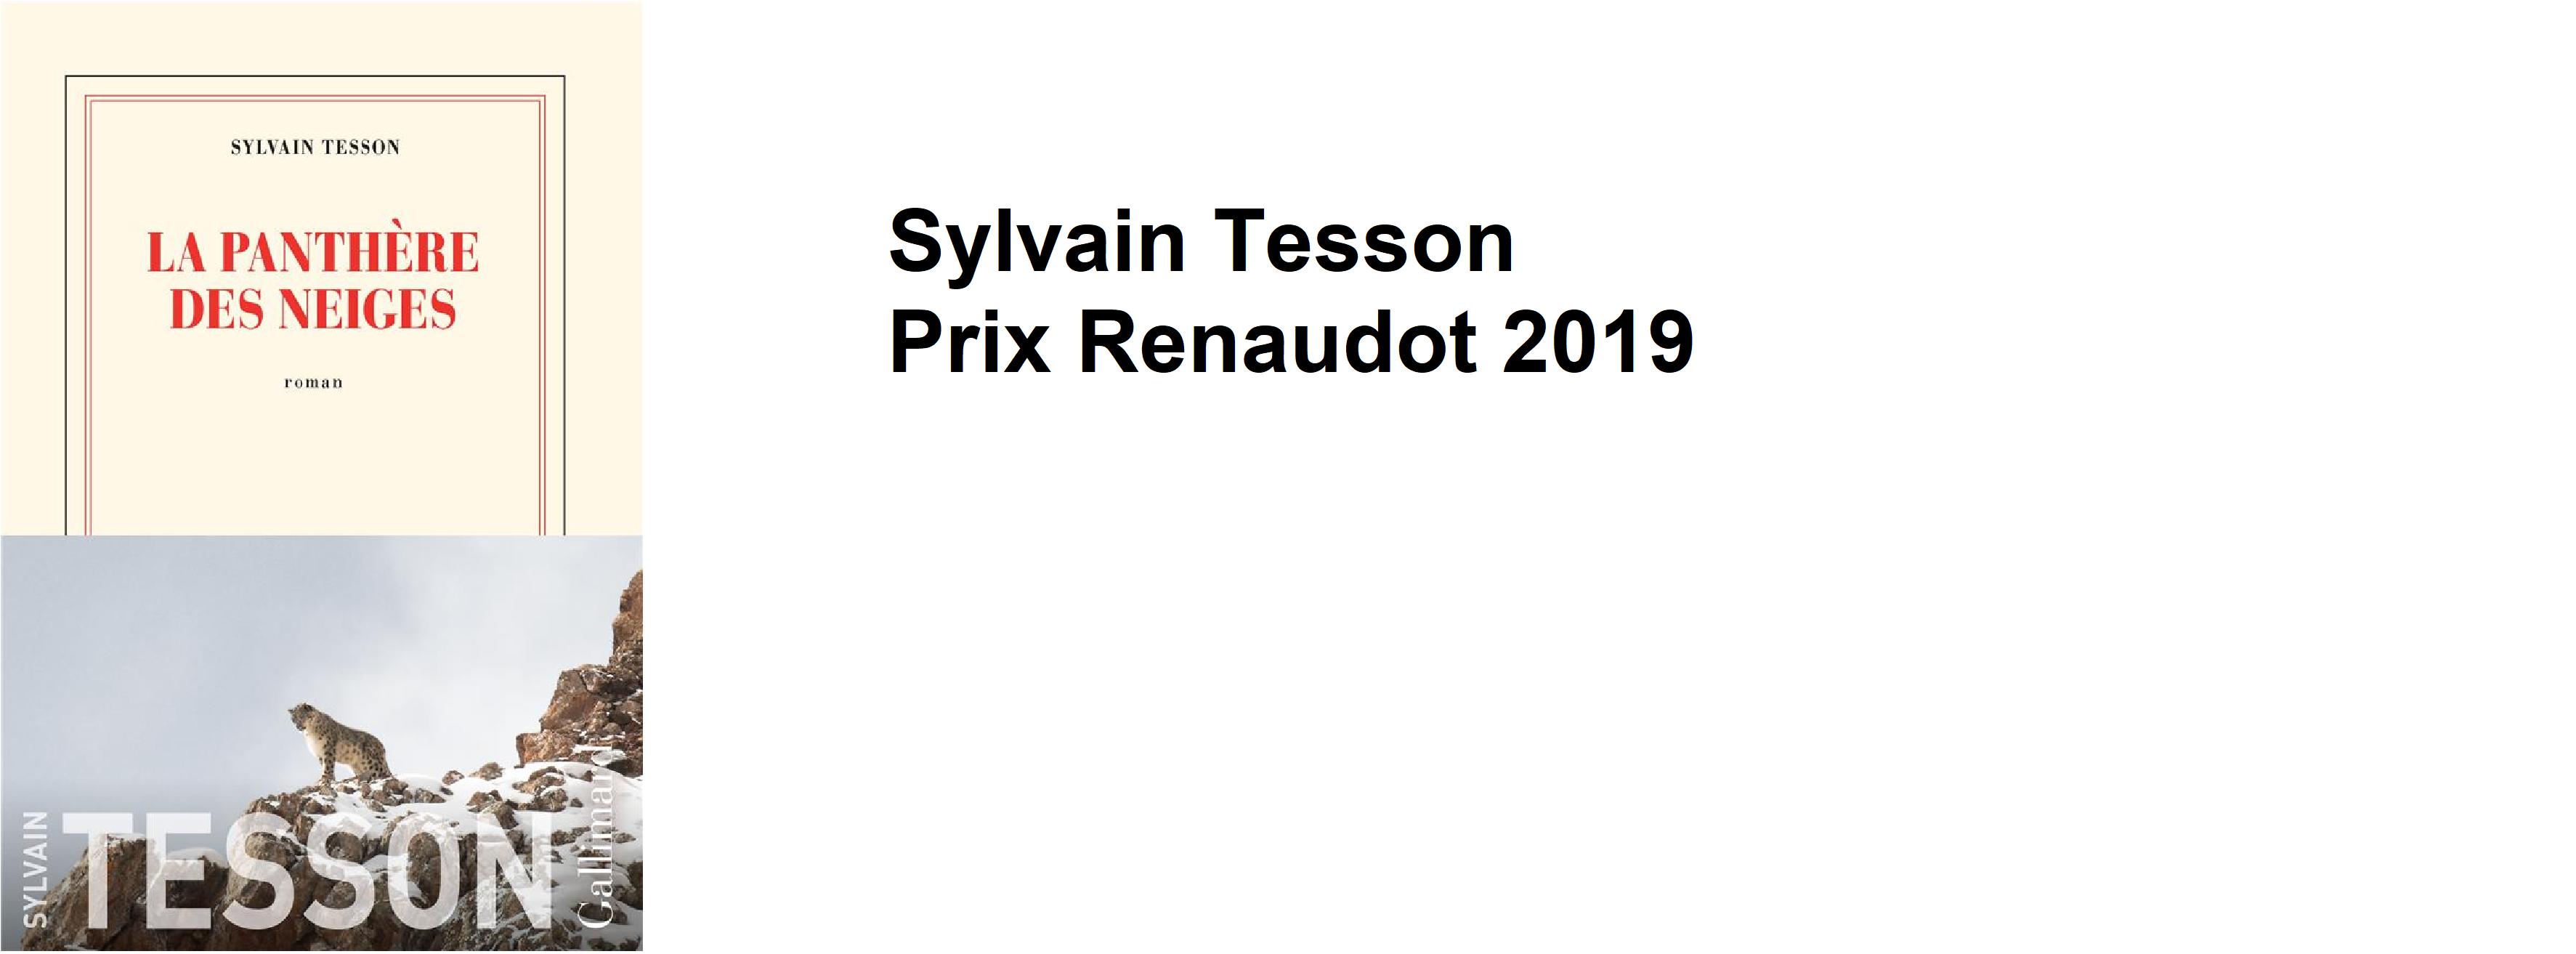 Prix Renaudot 2019